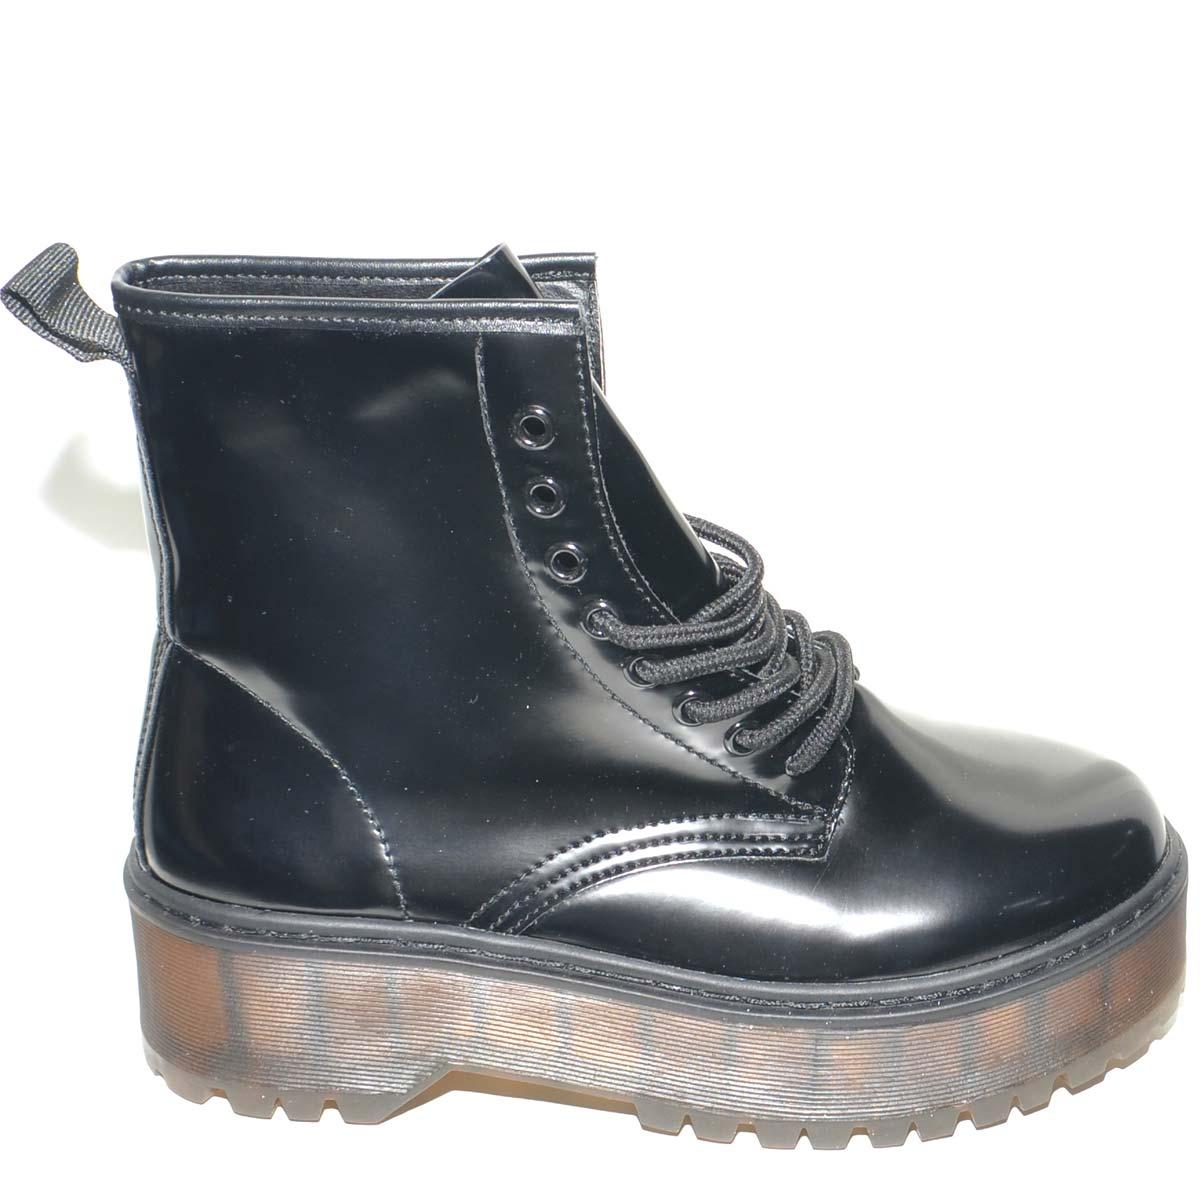 Stivaletto anfibio nero lucido da donna con gomma alta mertens trendy moda tendenza chiusura zip donna anfibi Malu Shoes | MaluShoes